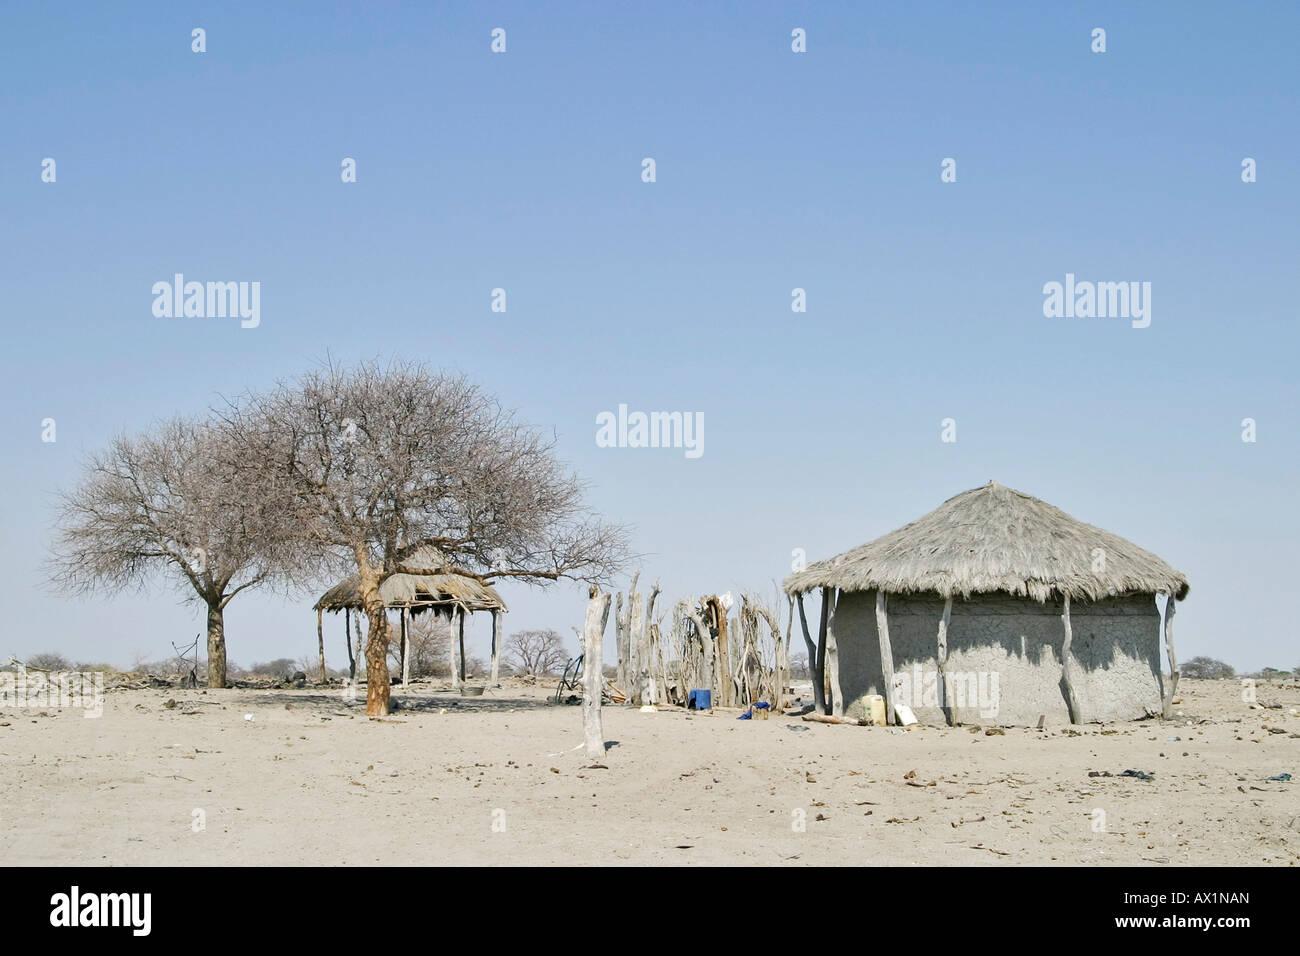 African hut at the Sowa Pan, Makgadikgadi pans, Botswana, Africa - Stock Image